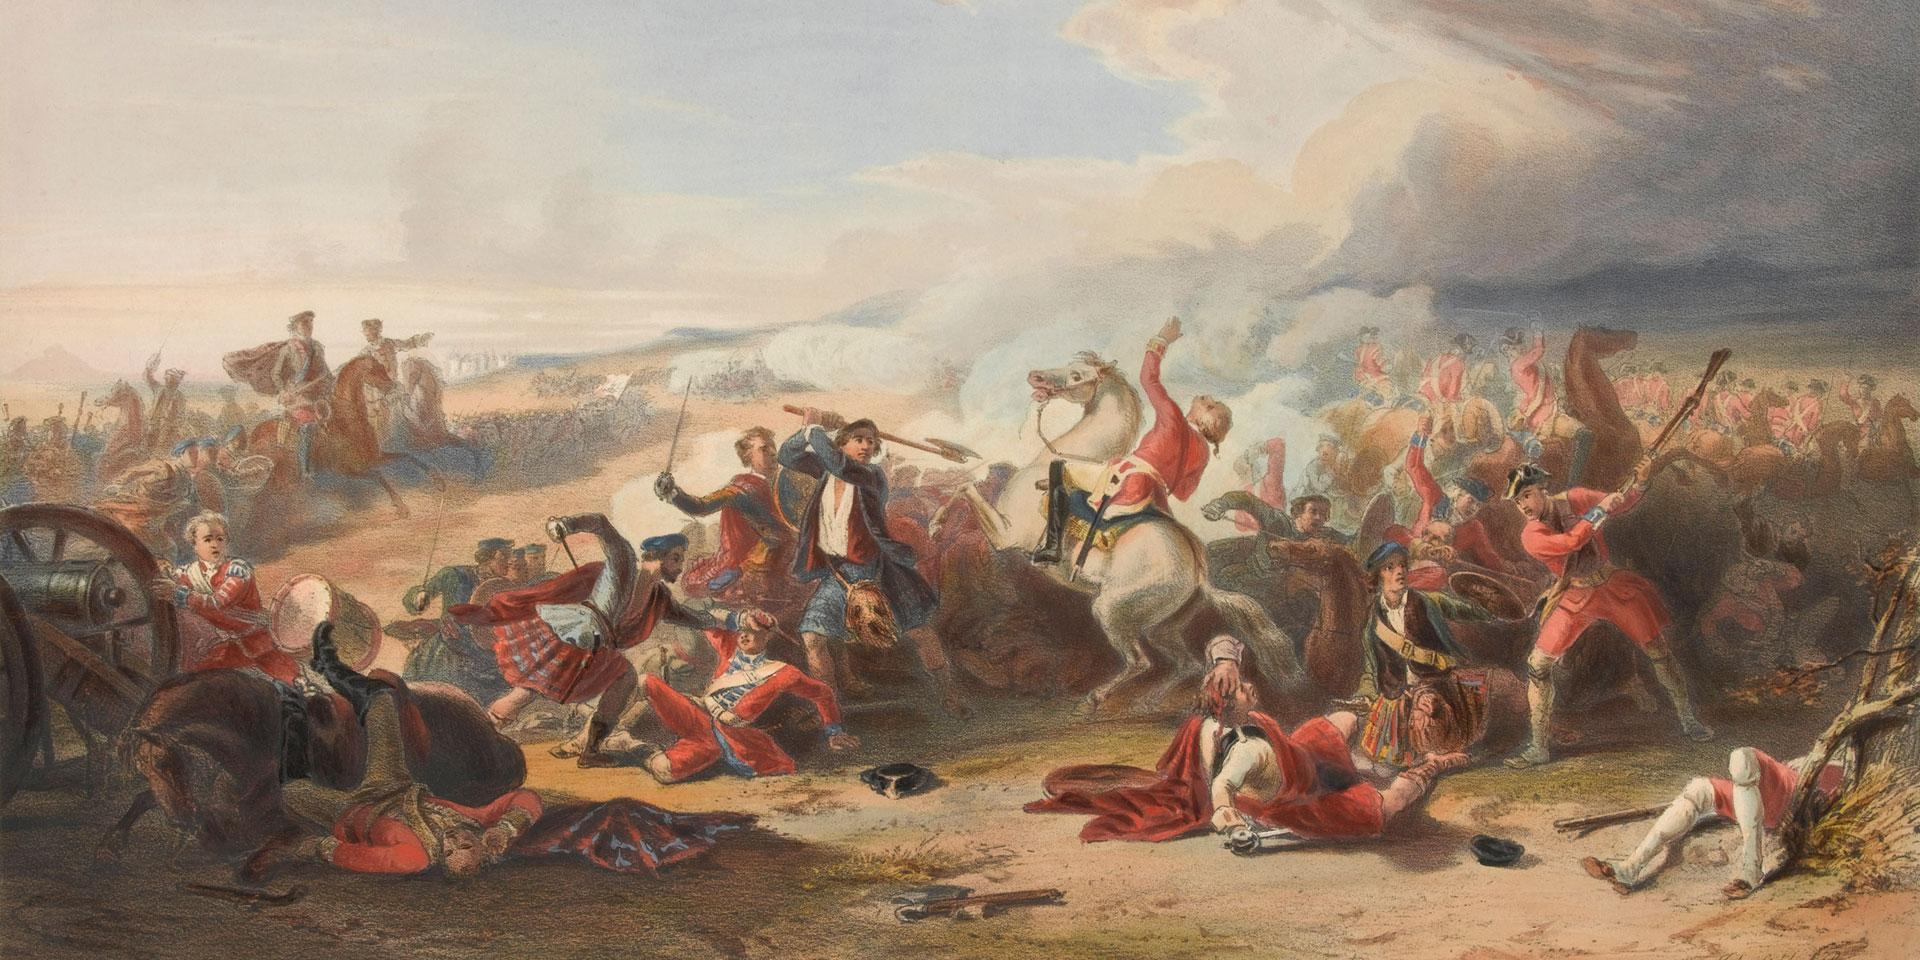 The Battle of Prestonpans, 1745